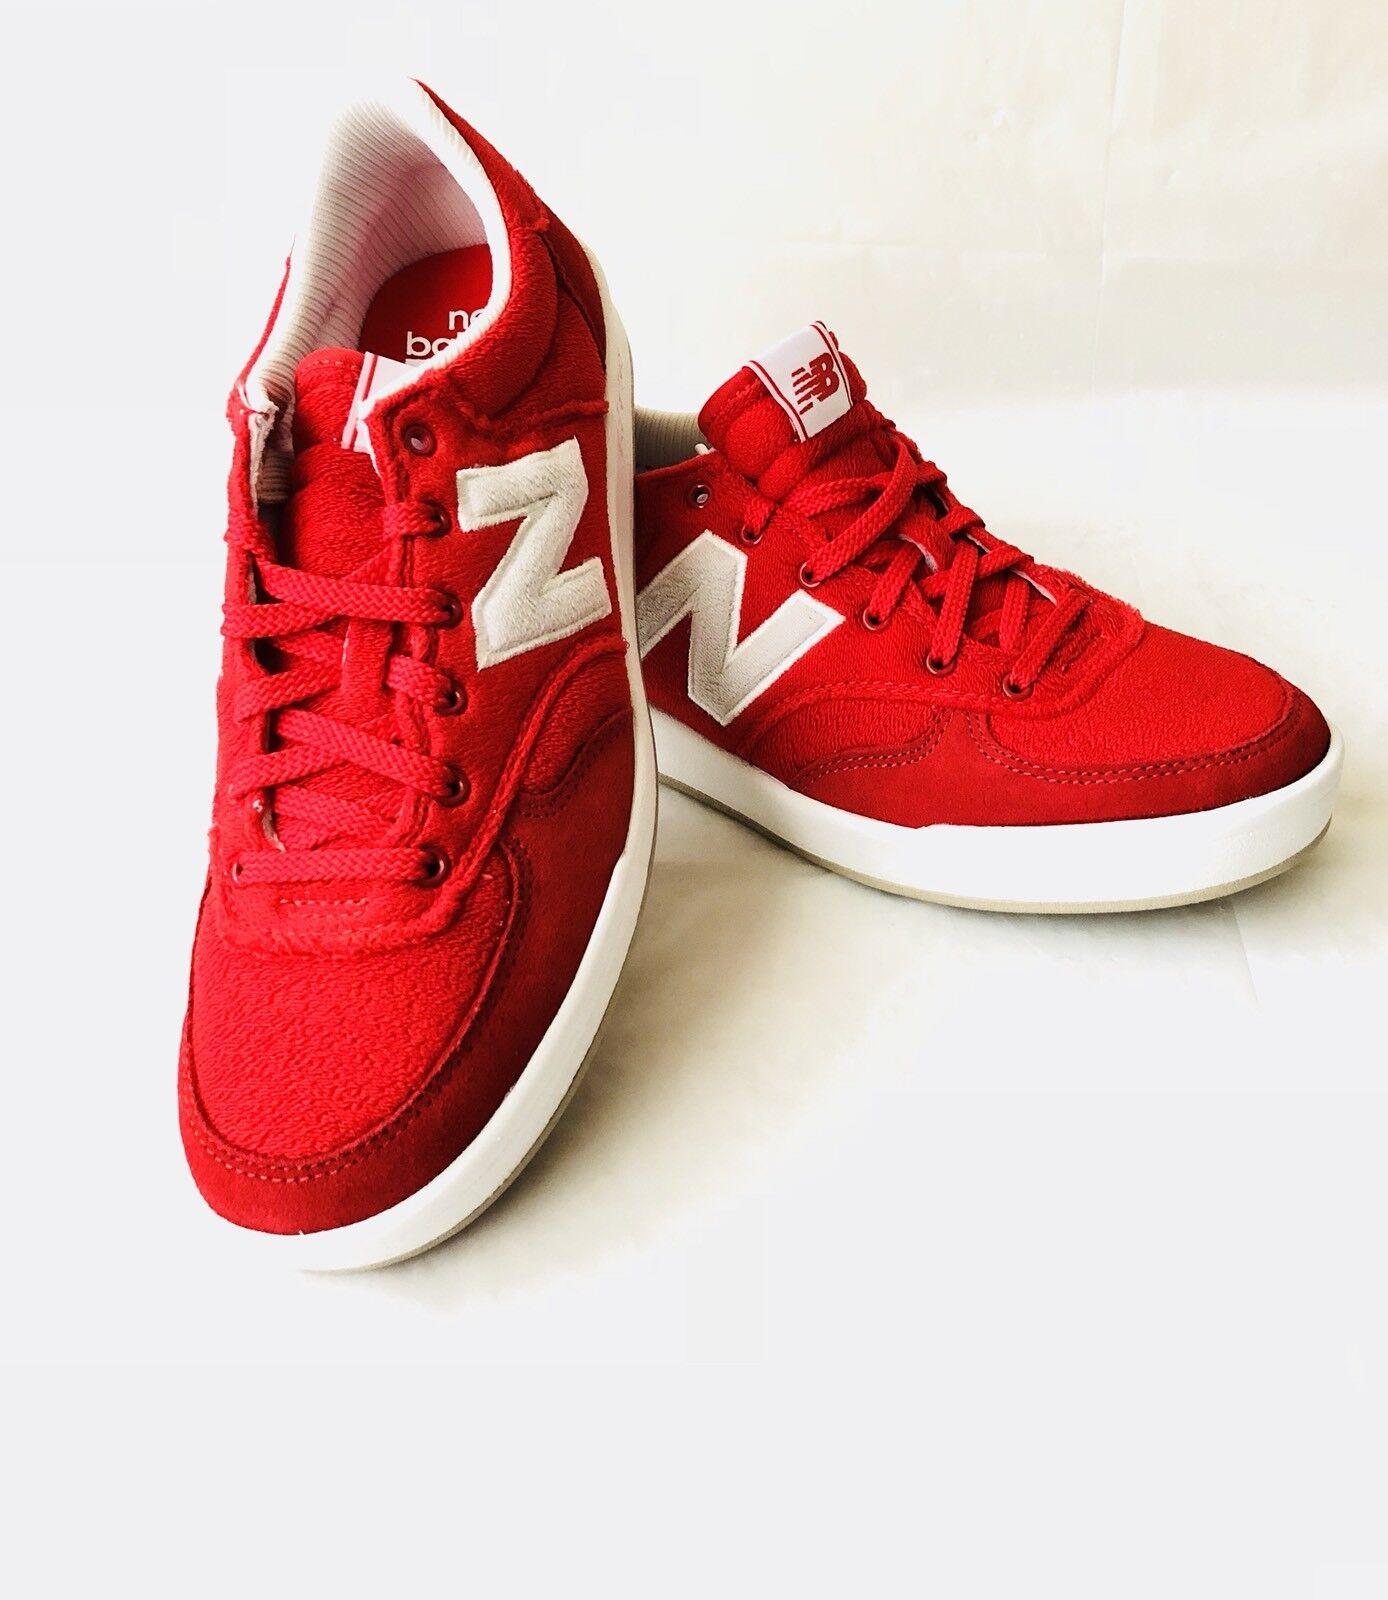 New balance 300ID Rojo Zapatillas De Tela De Toalla Para Hombre EE. UU. nuevo